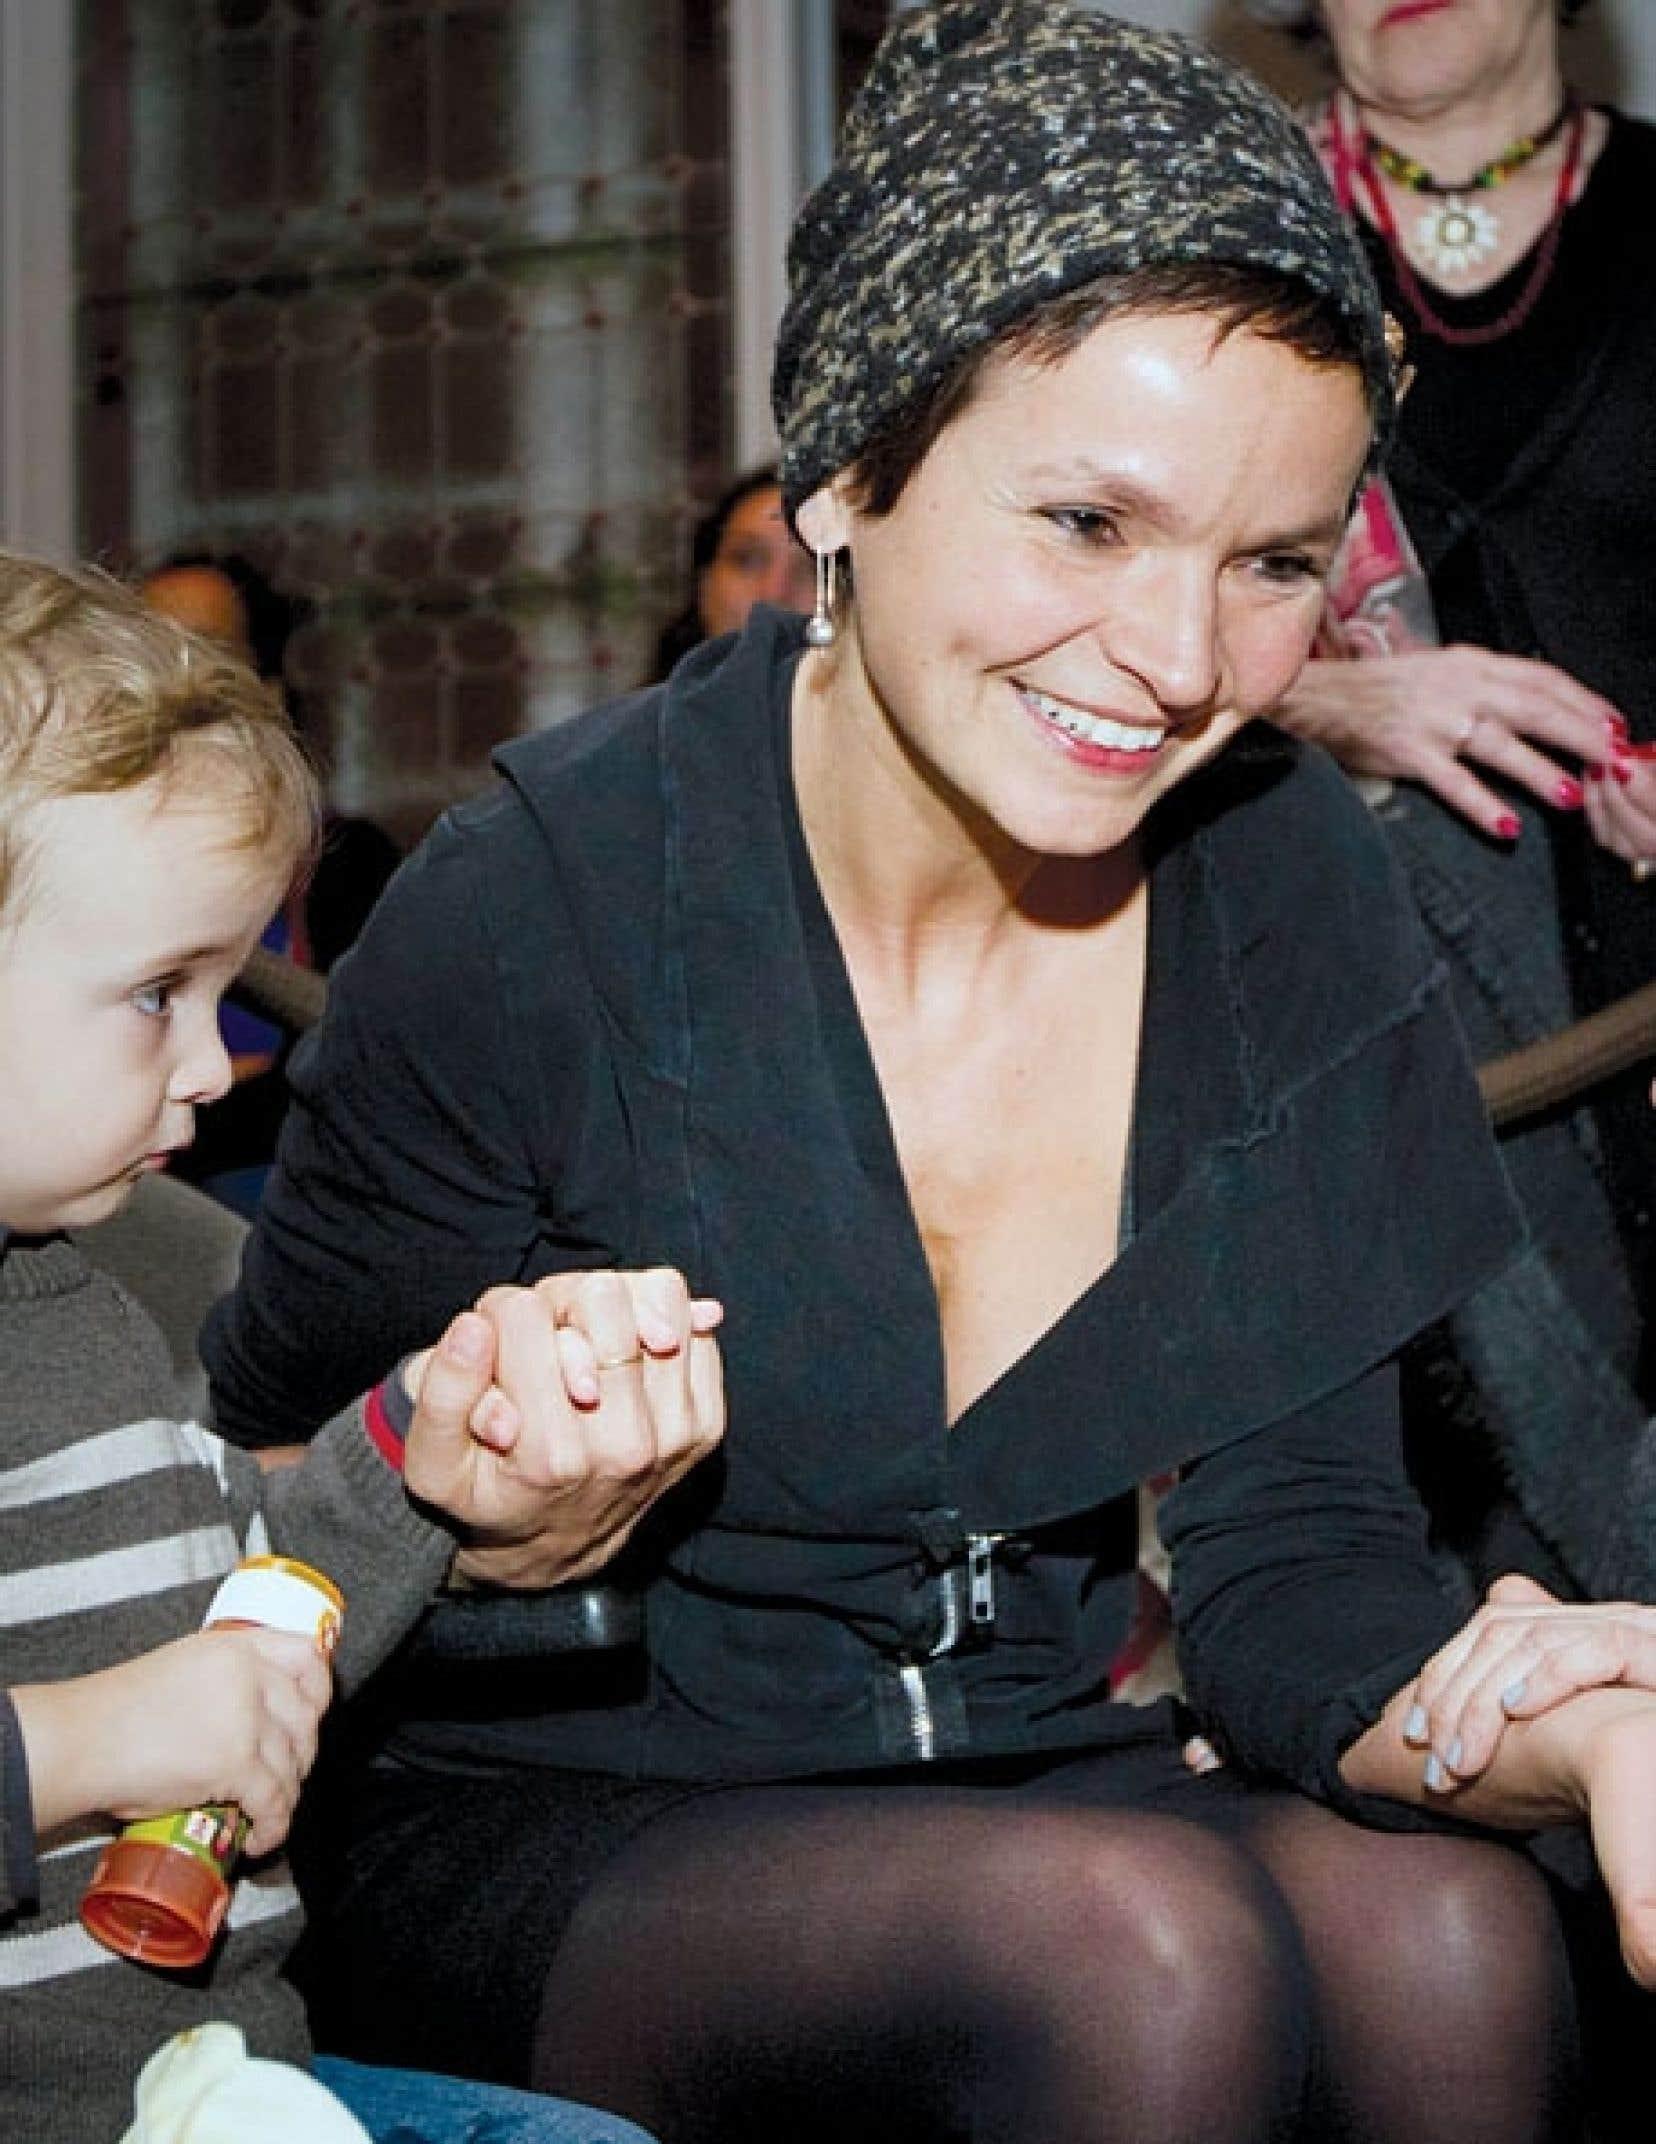 De retour de la Berlinale, l'auteure et cinéaste Anaïs Barbeau-Lavalette, accompagnée par son fils, a reçu jeudi le titre d'Artiste pour la paix de l'année 2012.